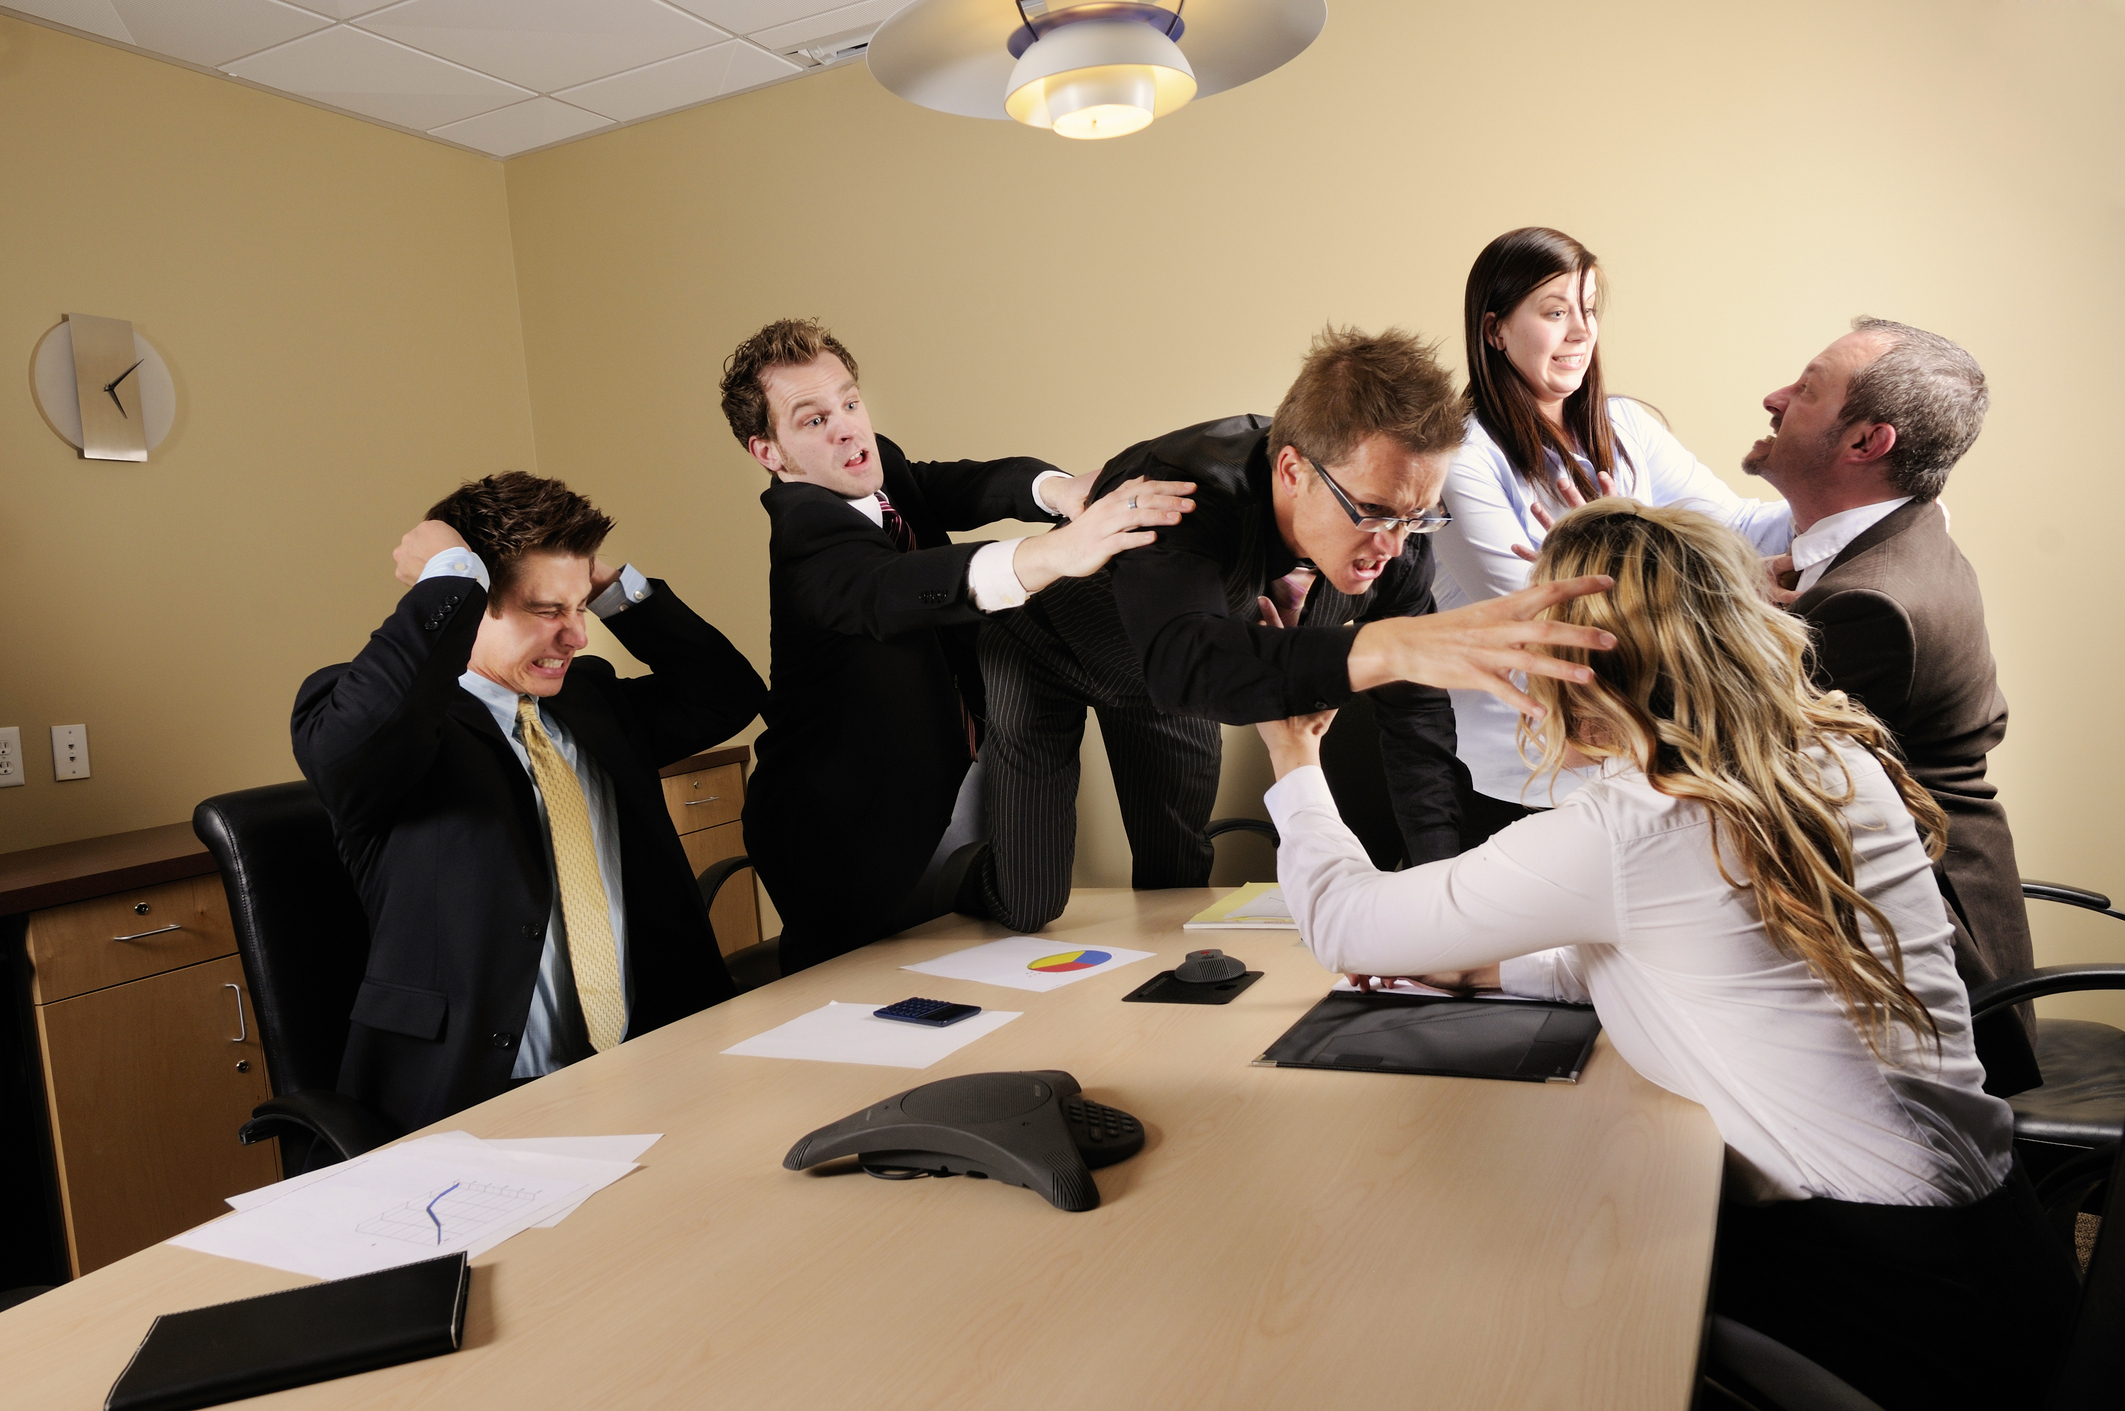 вопросы для сглаживания конфликтов в компании